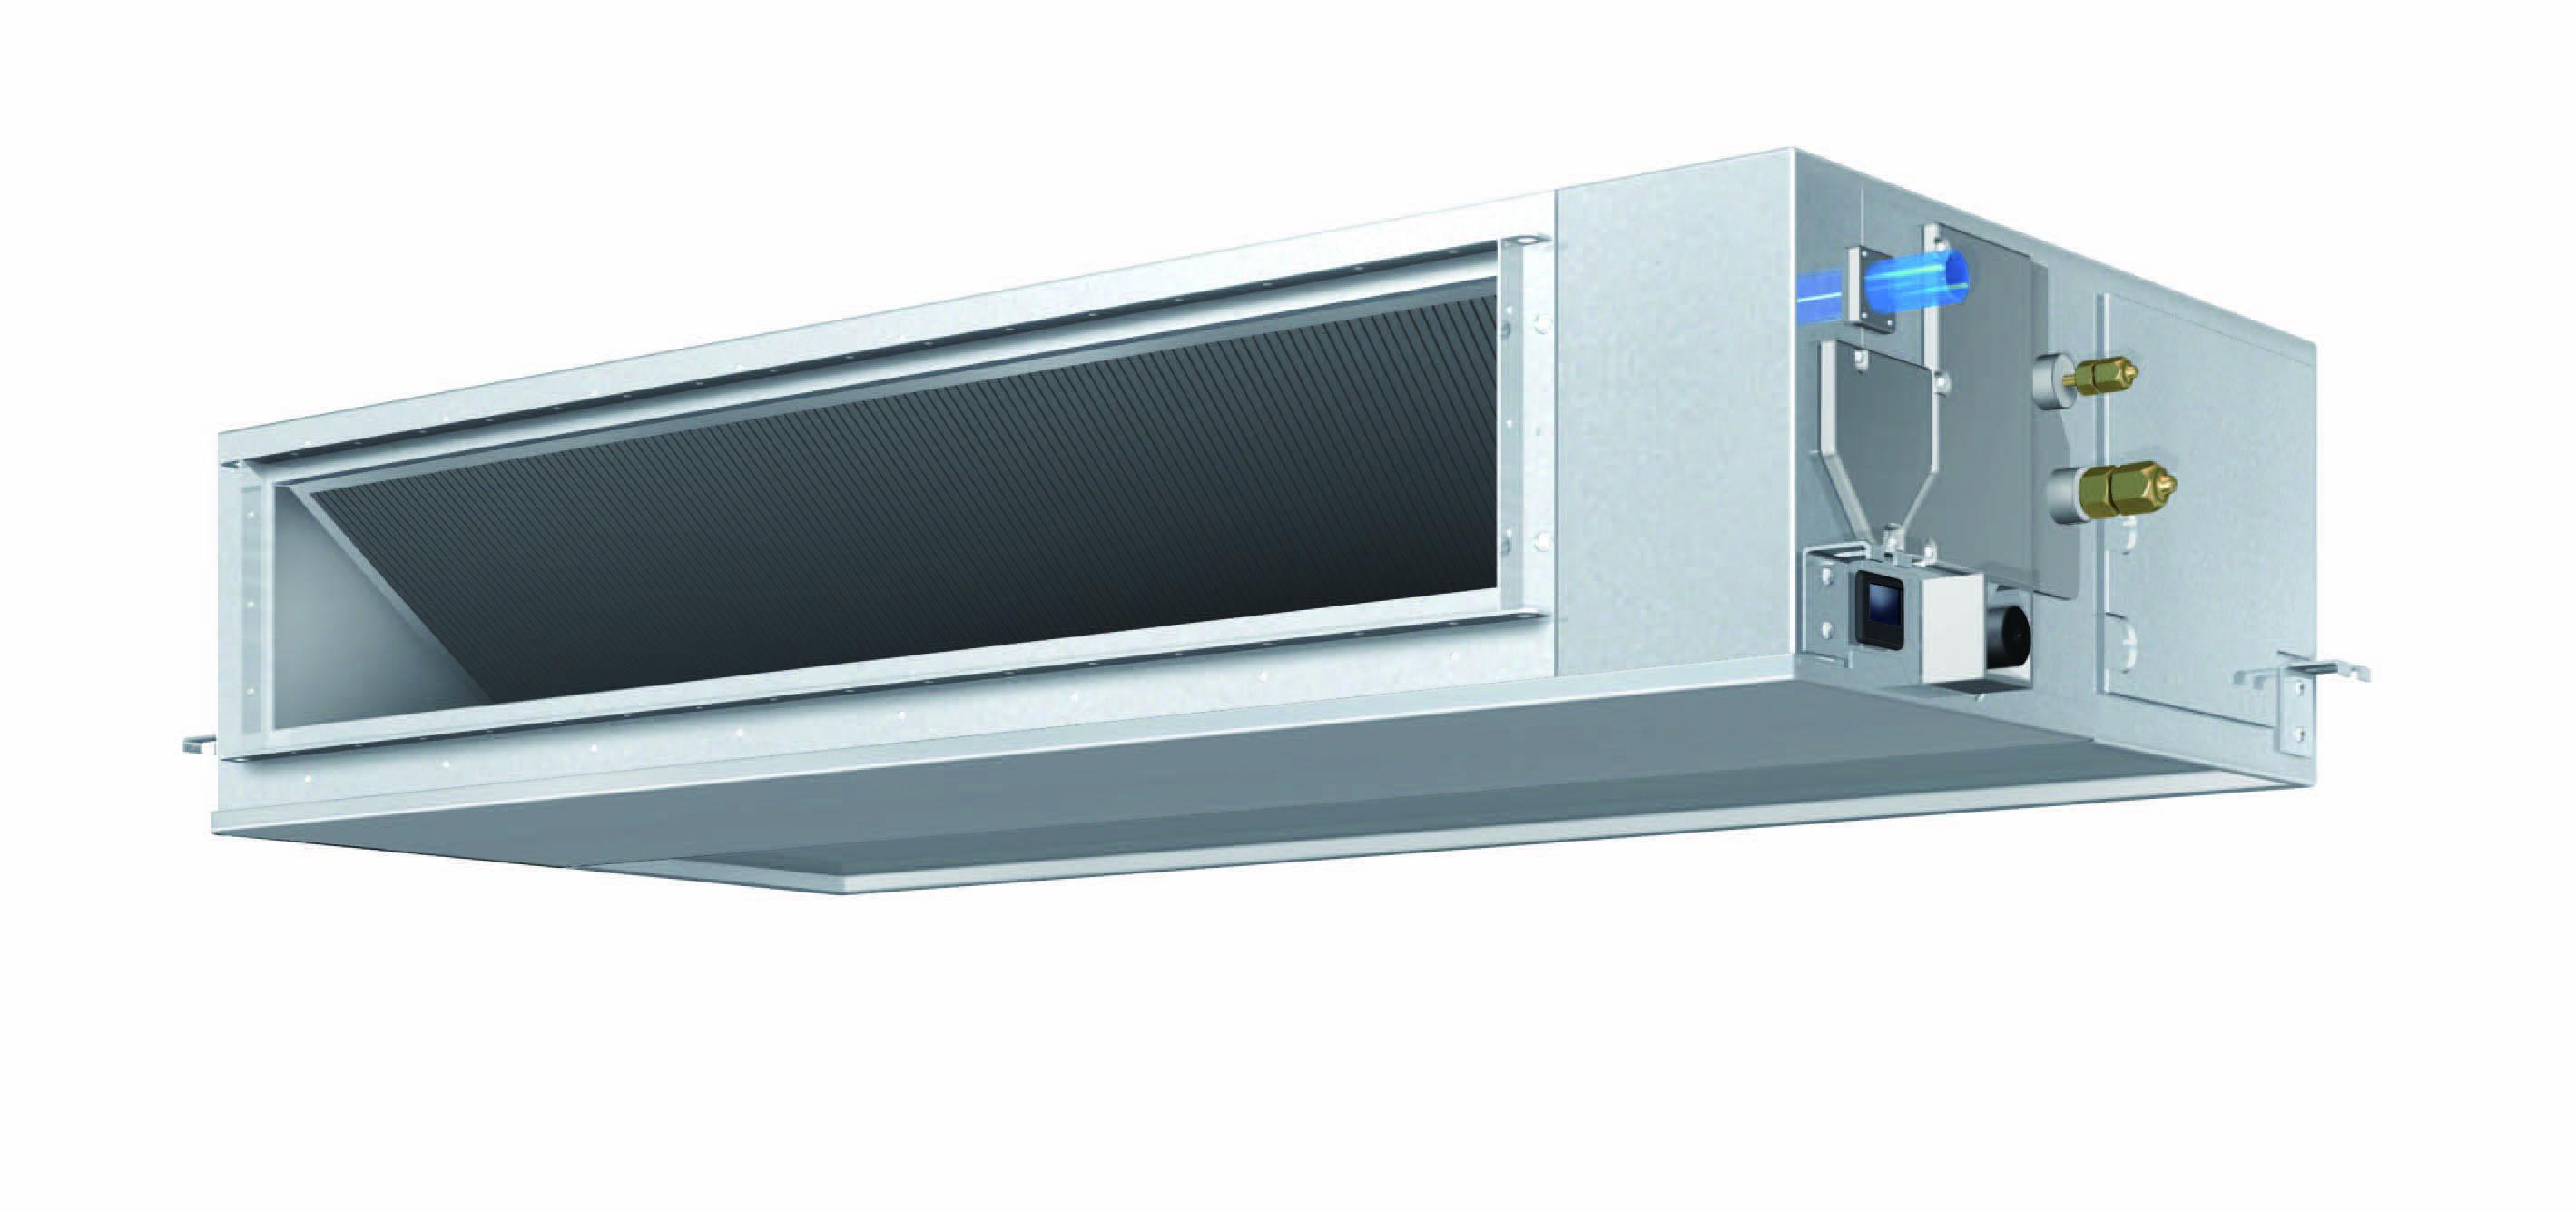 VRV FXMQ Medium-Static Concealed Ducted Indoor Unit